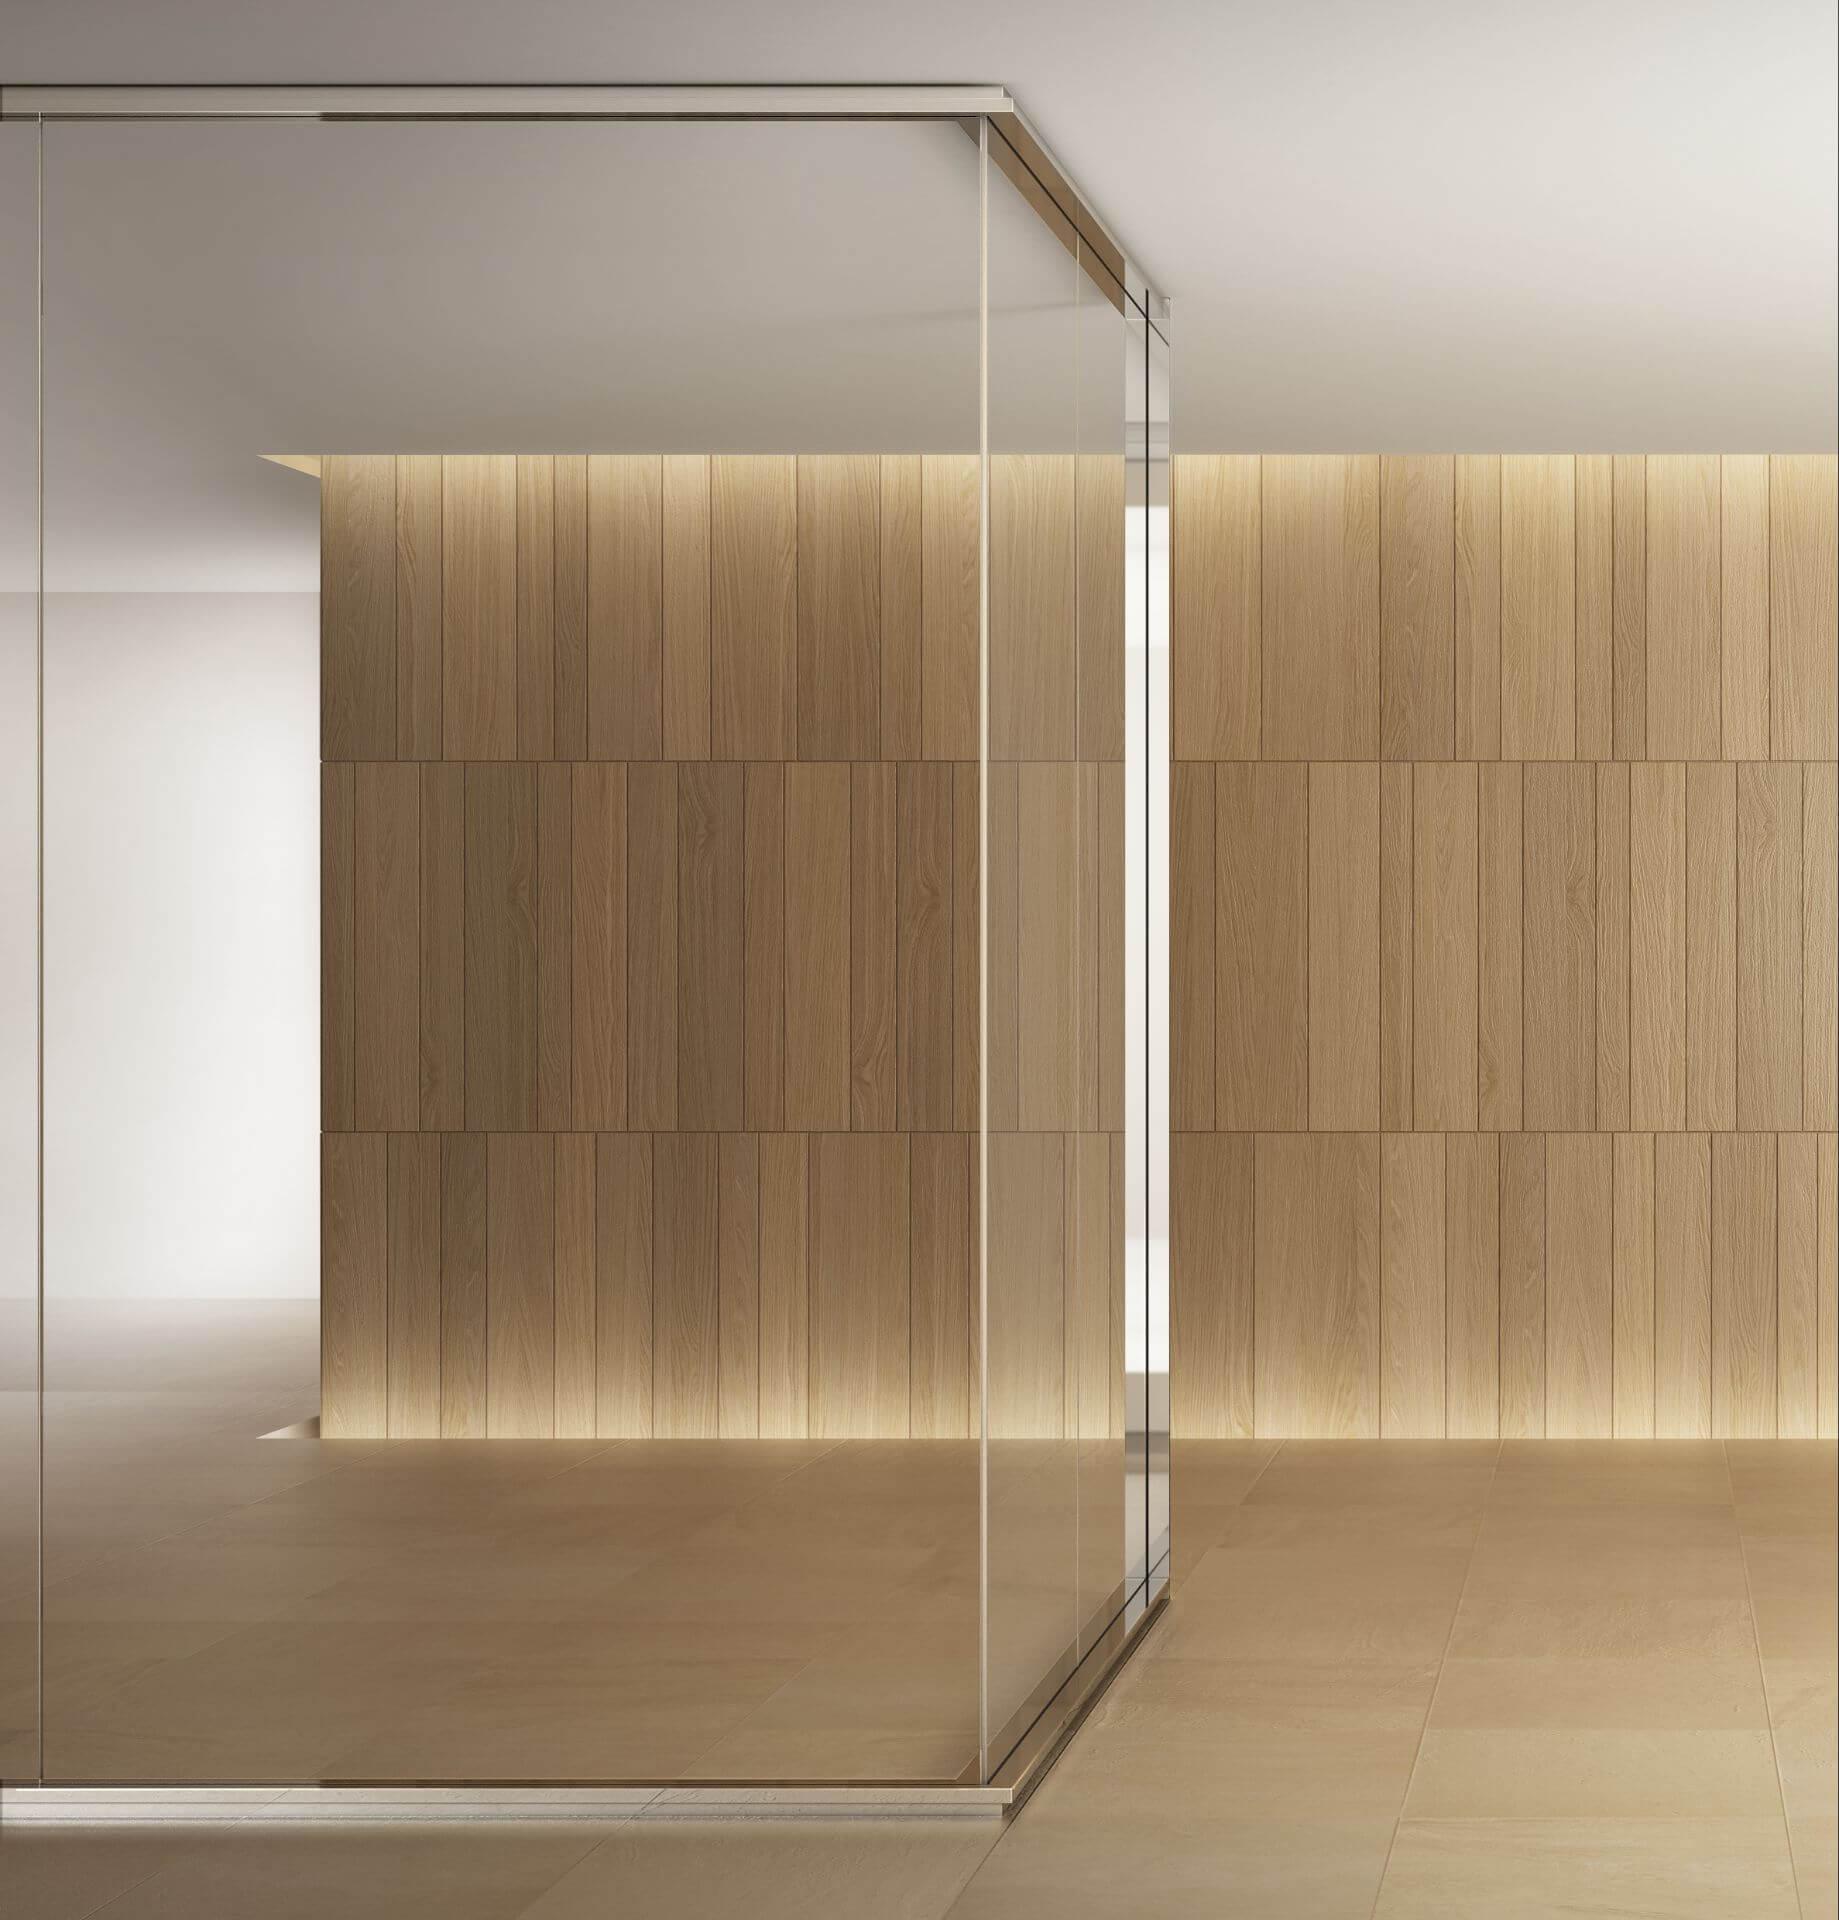 Parete Divisoria In Legno pareti divisorie in legno e vetro | pareti in legno e vetro